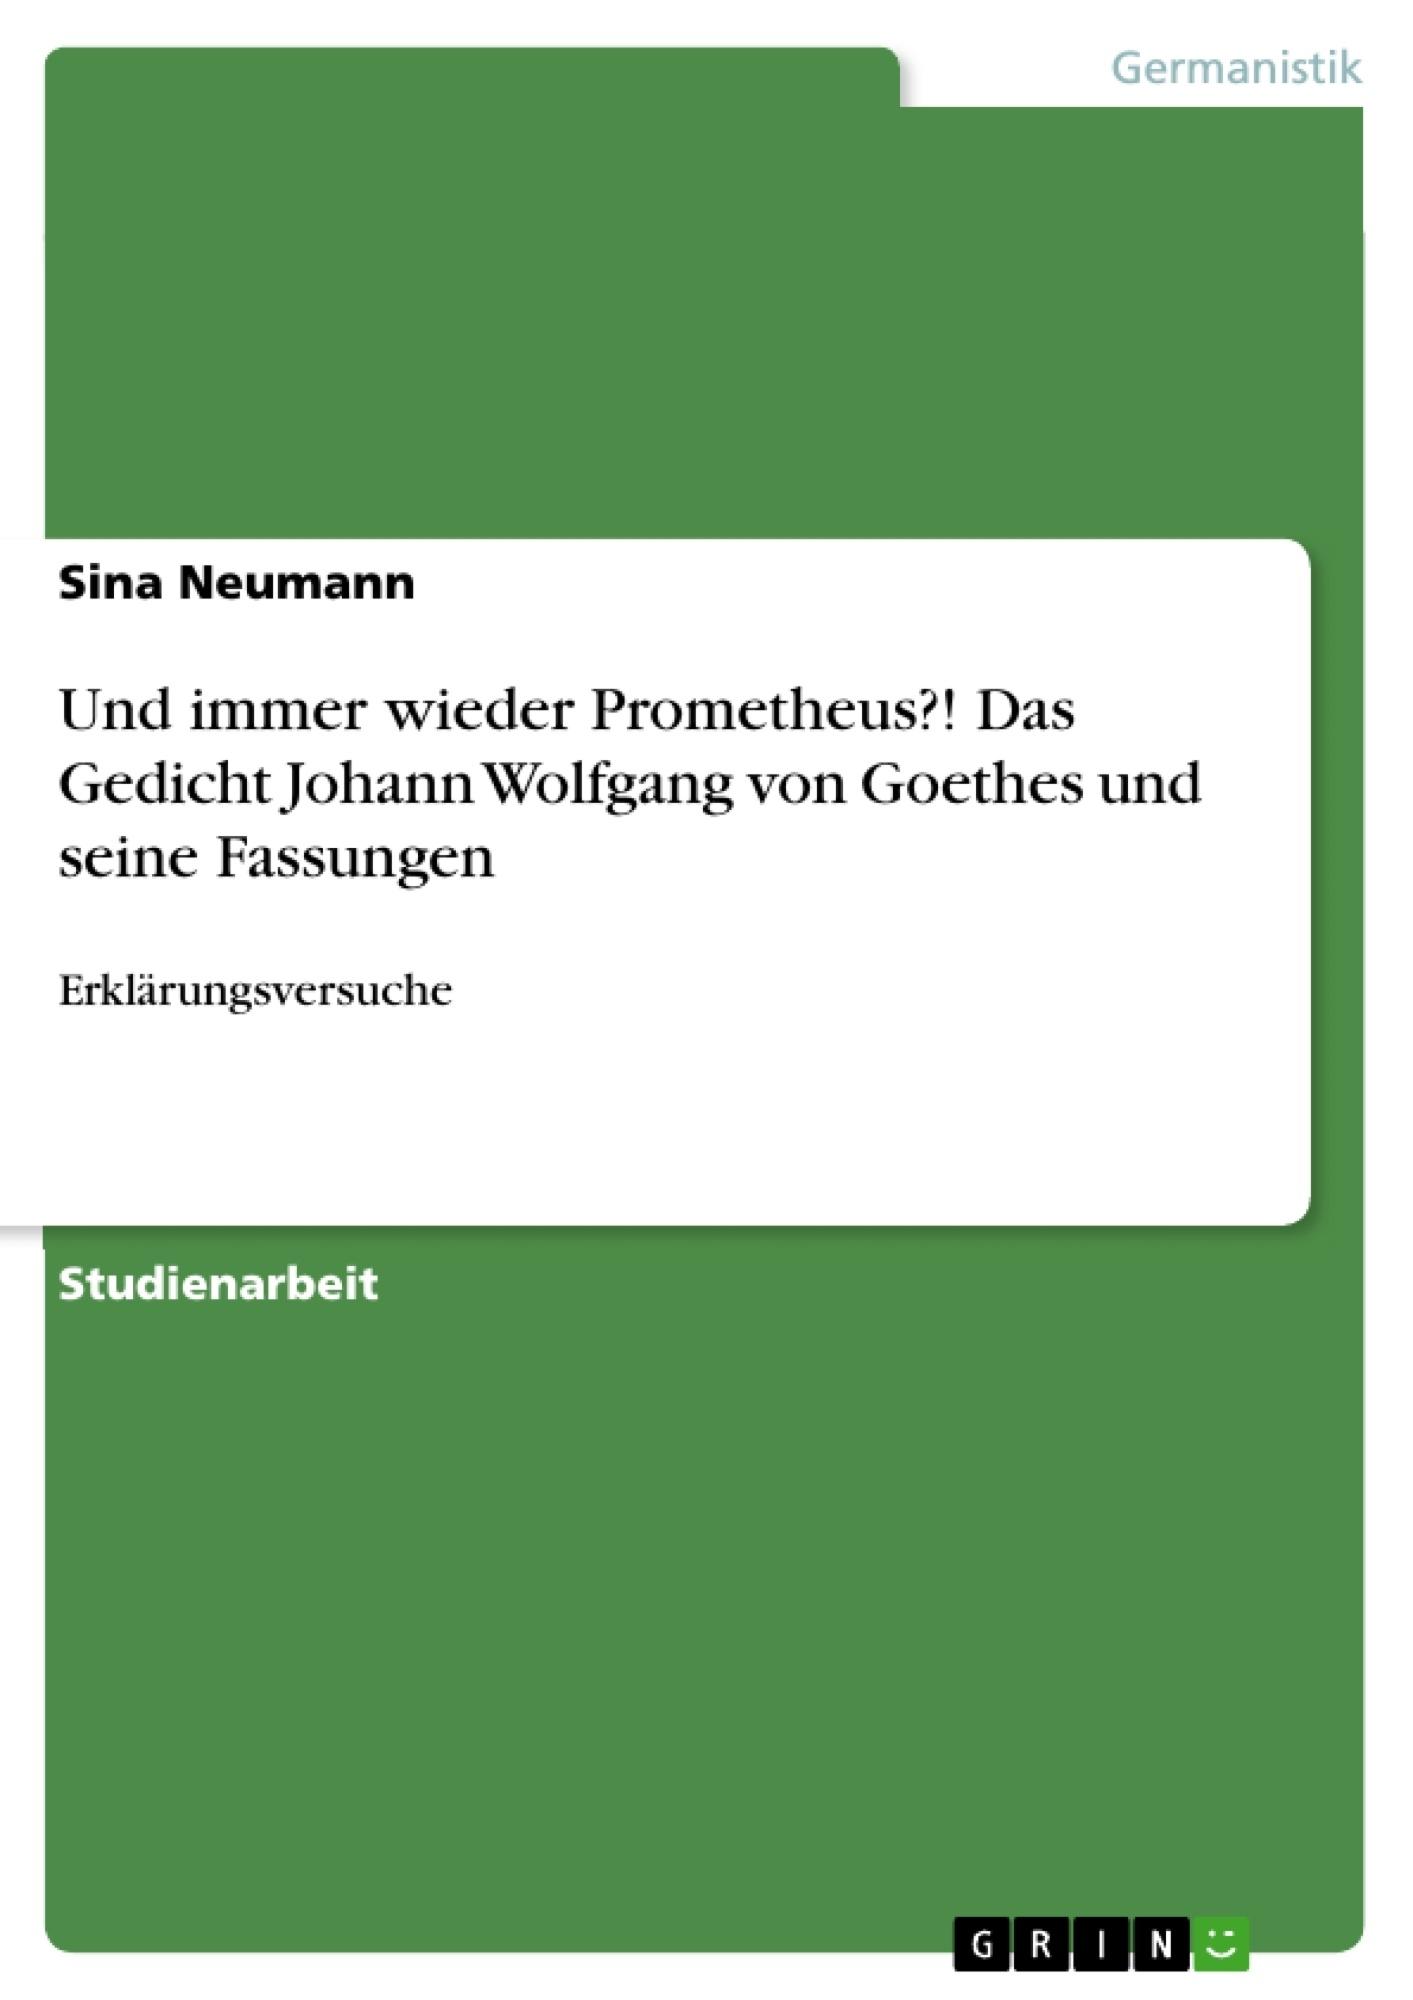 Titel: Und immer wieder Prometheus?! Das Gedicht Johann Wolfgang von Goethes und seine Fassungen